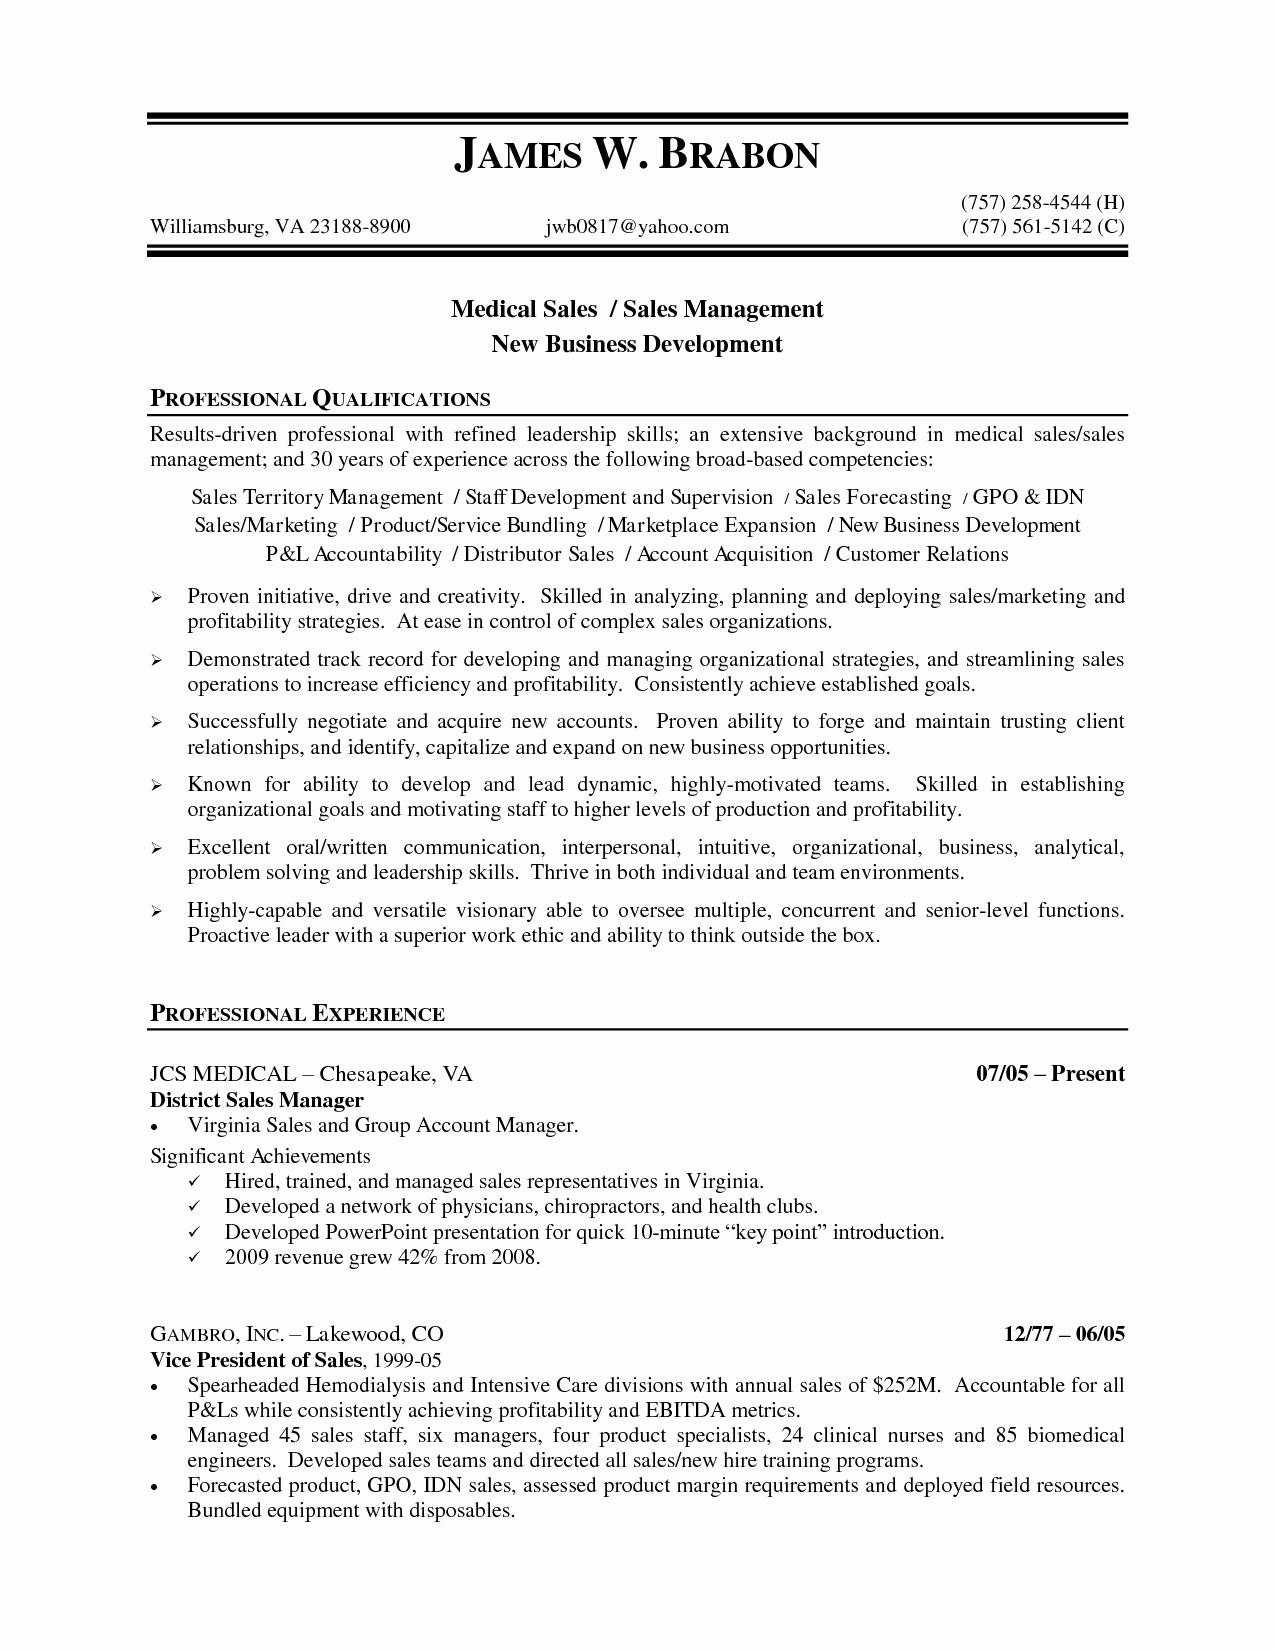 Medical Sales Manager Resume Sample